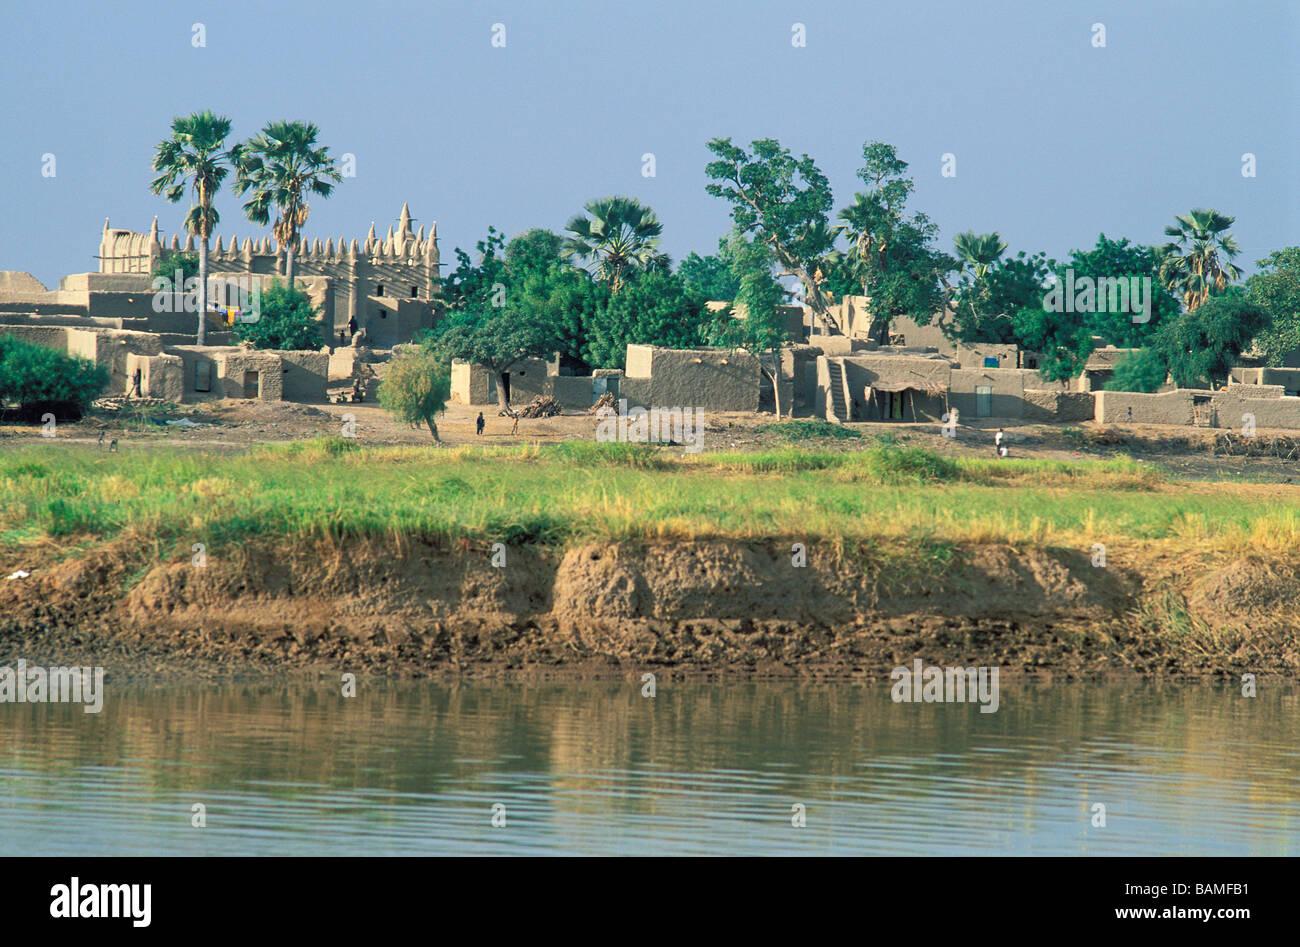 Malí, región de Mopti, los bancos del río Níger, Bozo Village Foto de stock